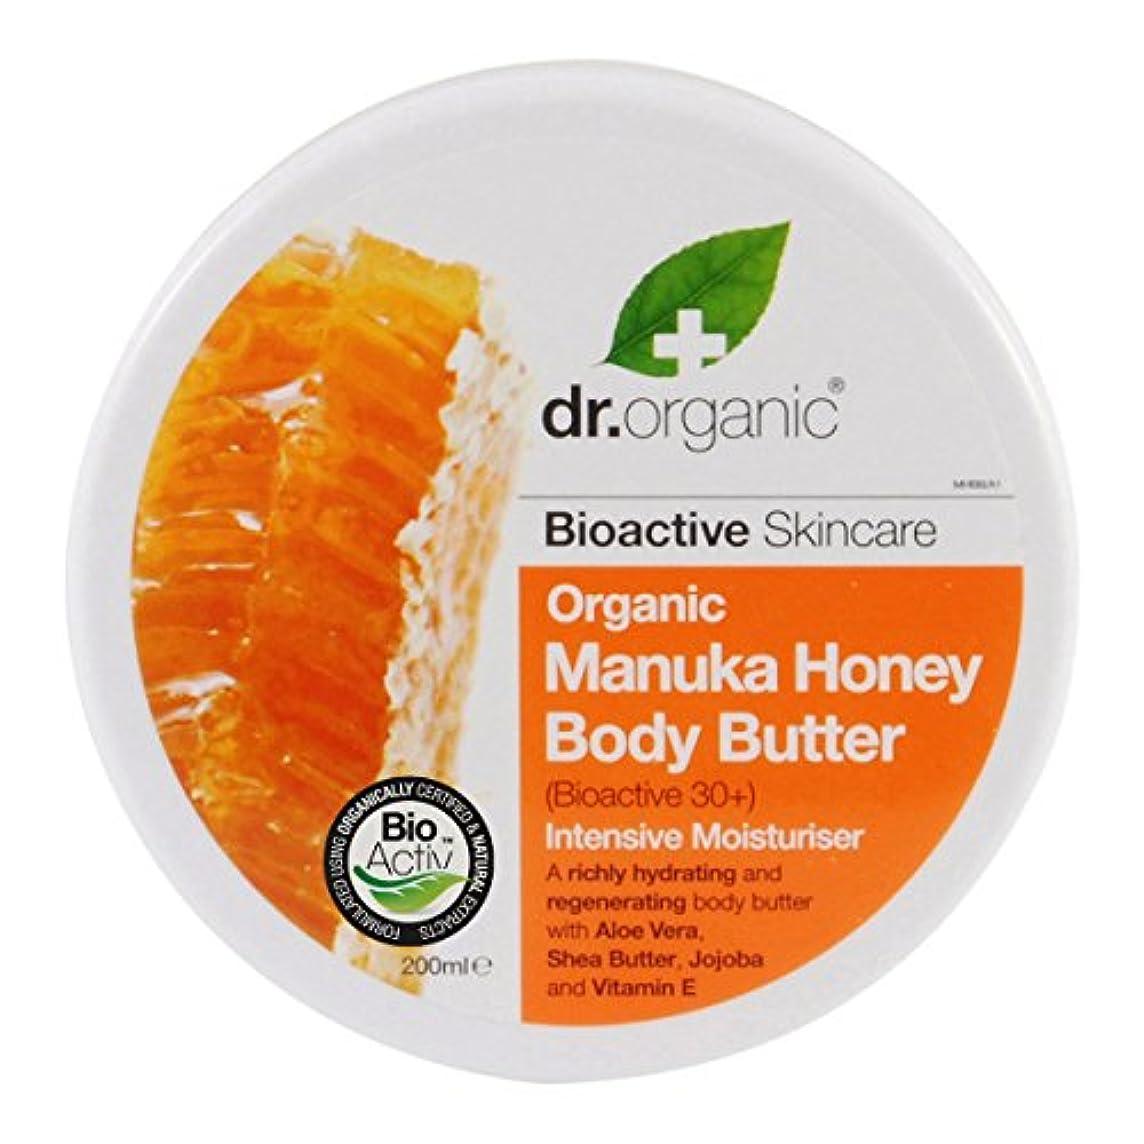 透けて見える衝撃たとえDr.organic Organic Manuka Honey Body Butter 200ml [並行輸入品]